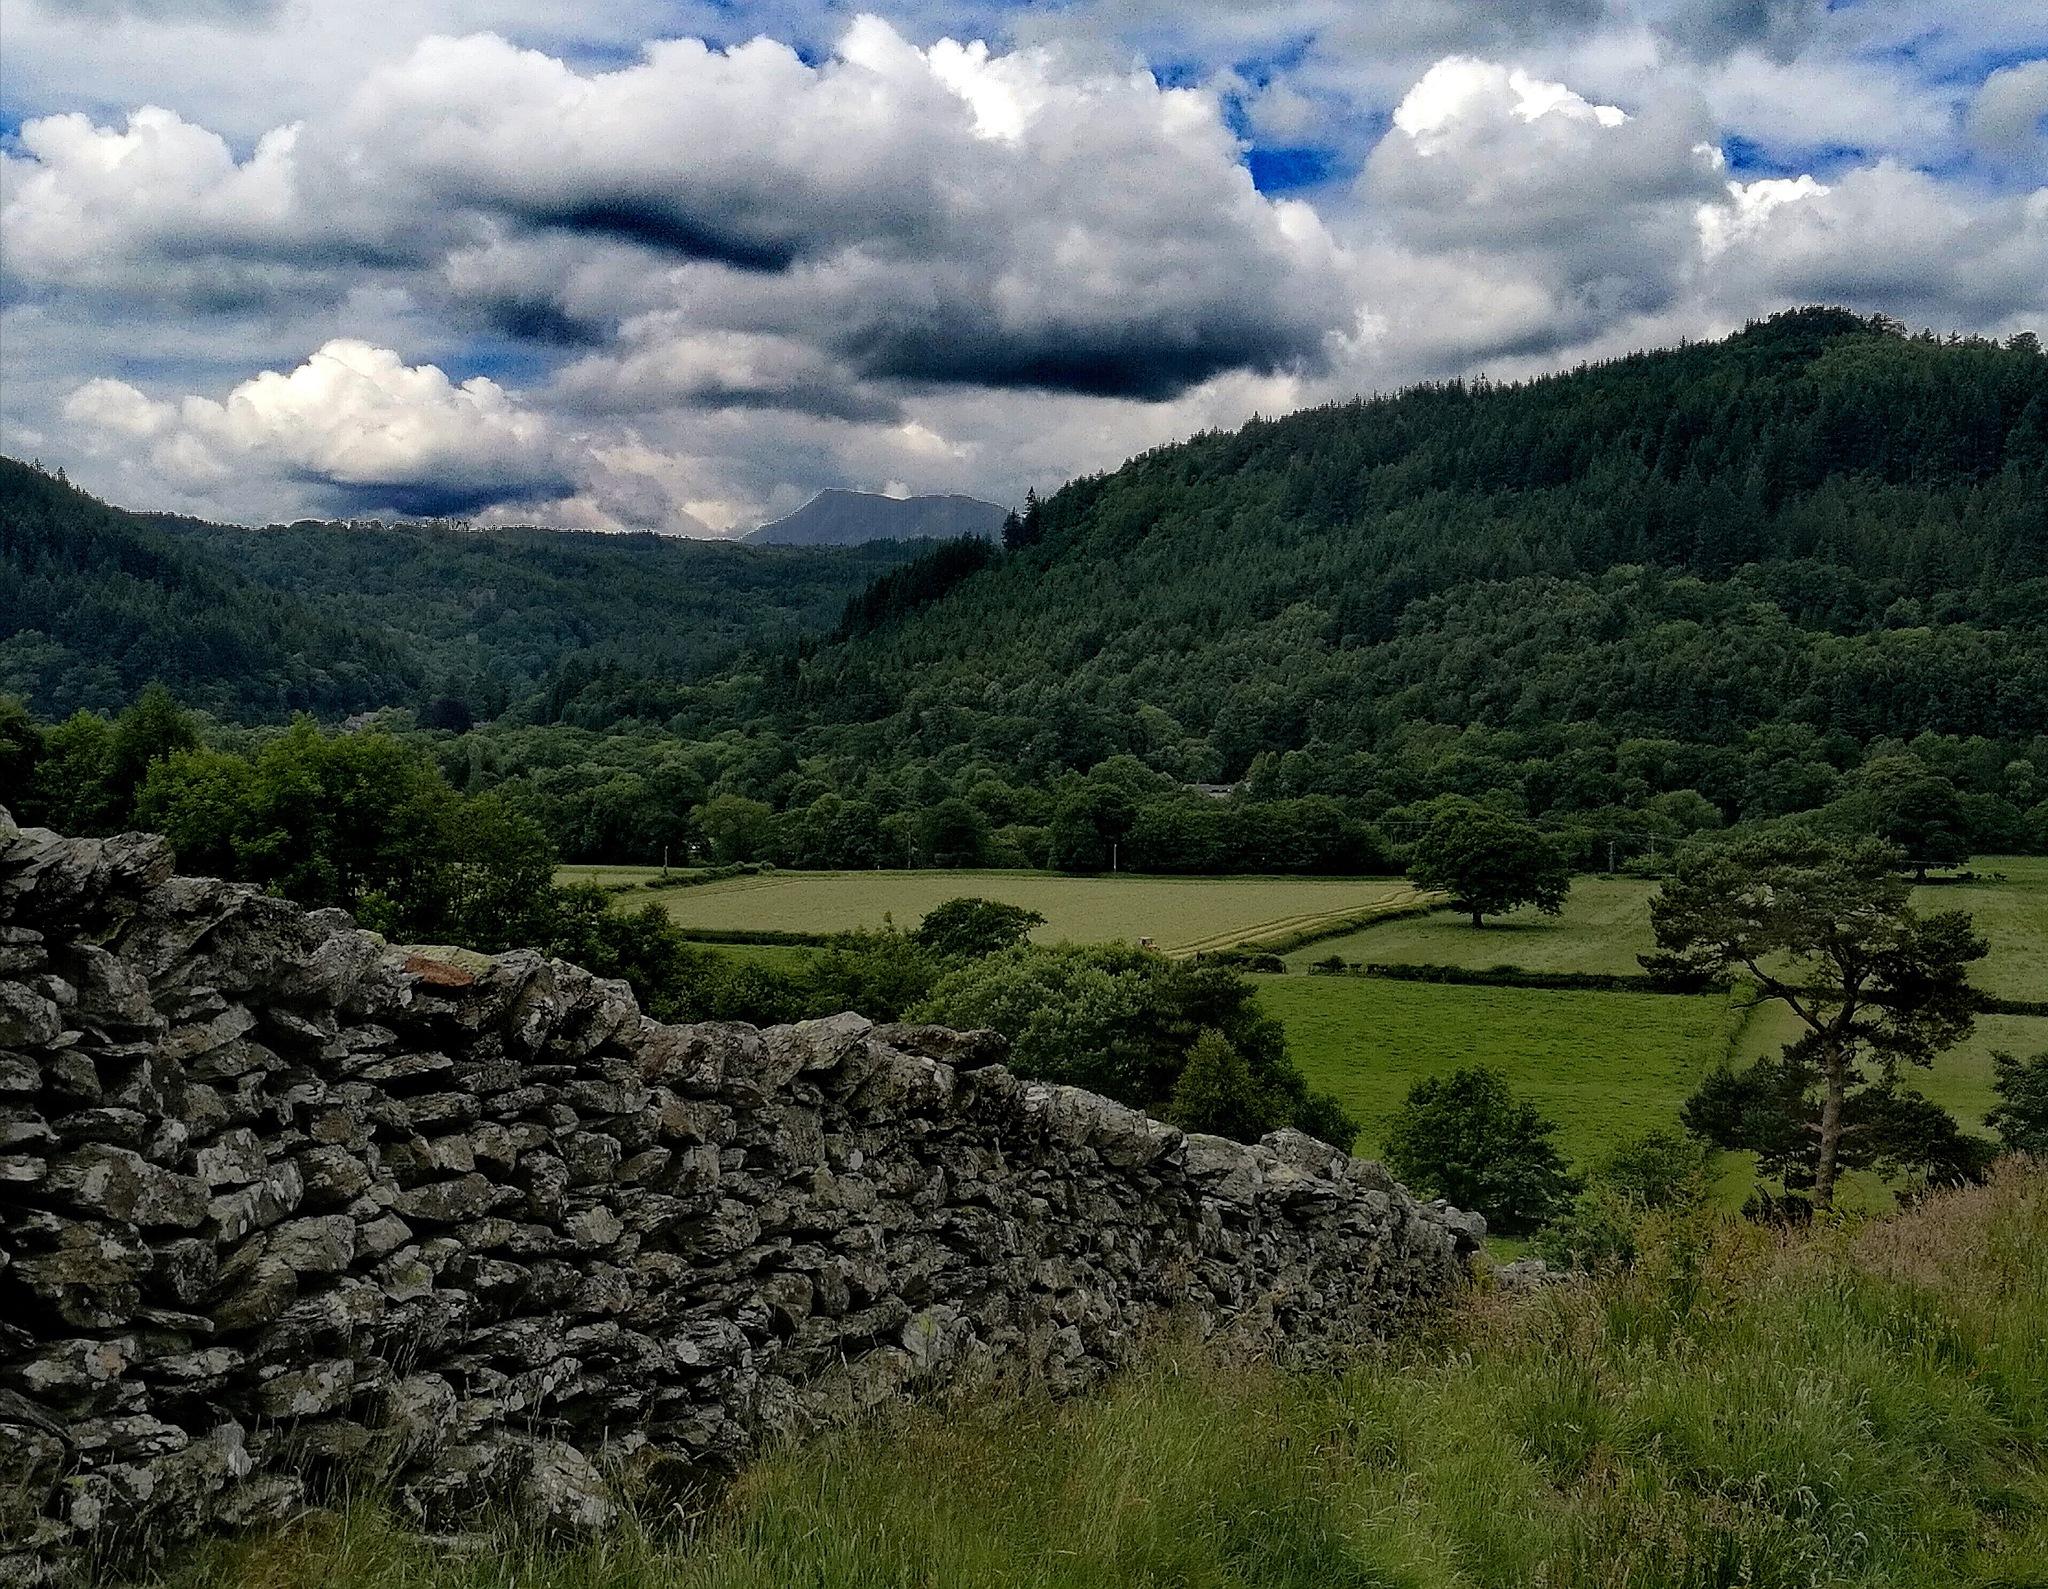 A welsh view by Darren Green